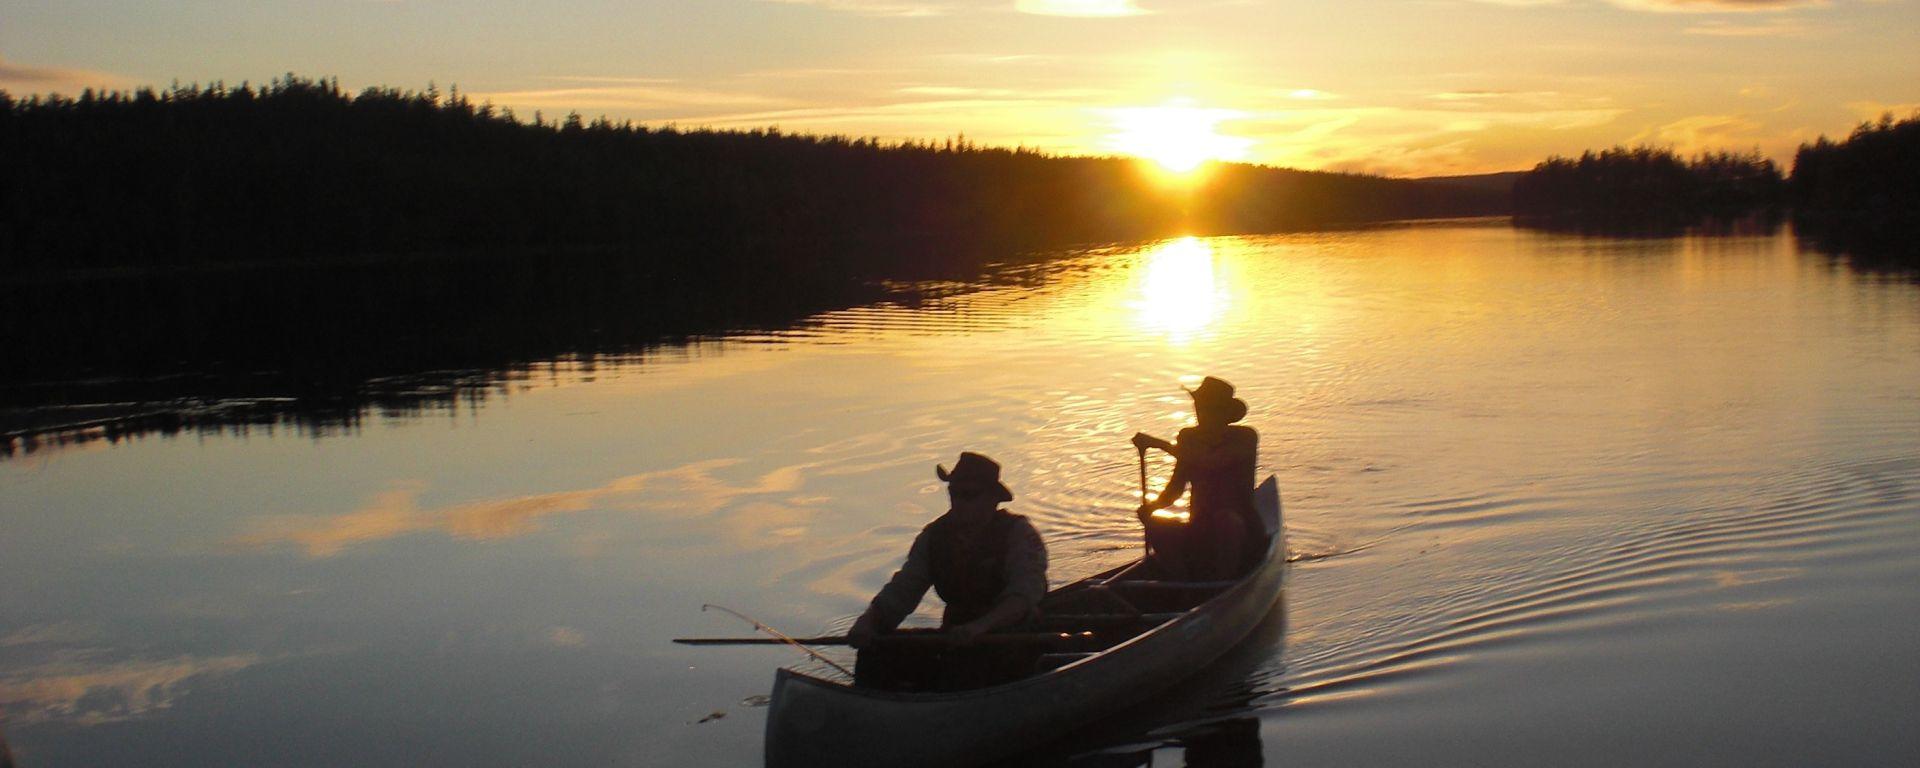 Im Kanu auf schwedischen Seen